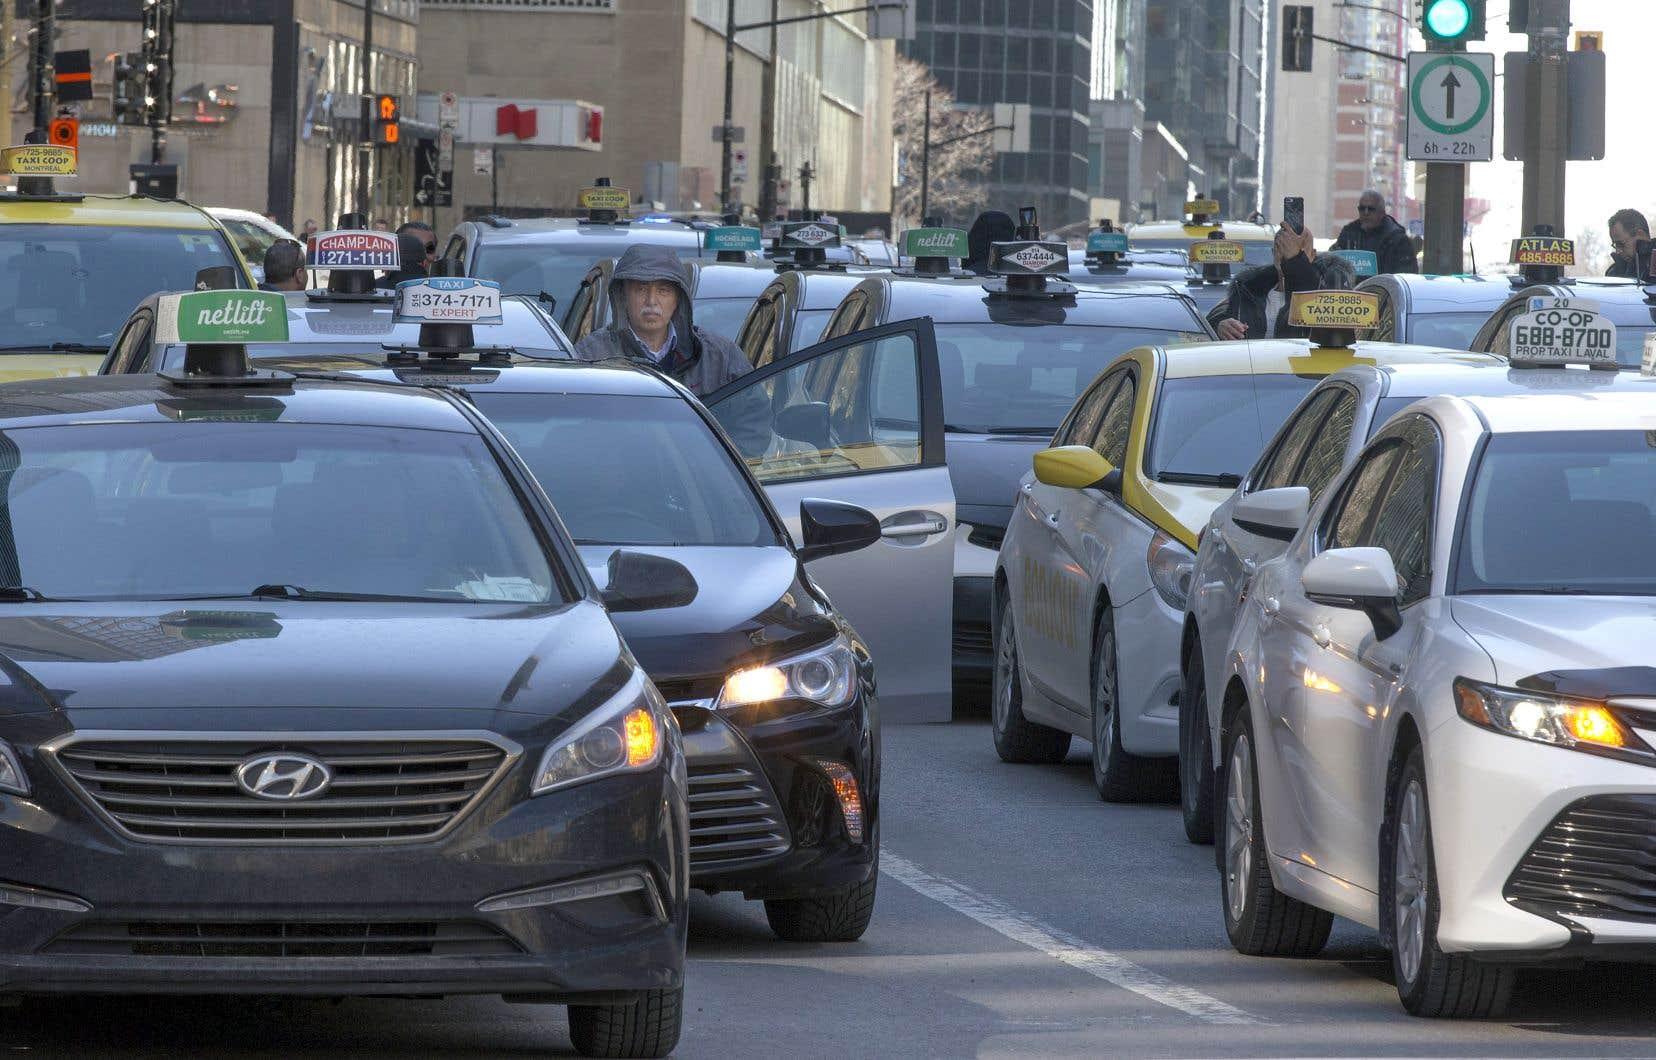 Québec offre de rembourser aux détenteurs d'un permis de taxi la somme qu'ils ont payée au moment de l'acquisition.